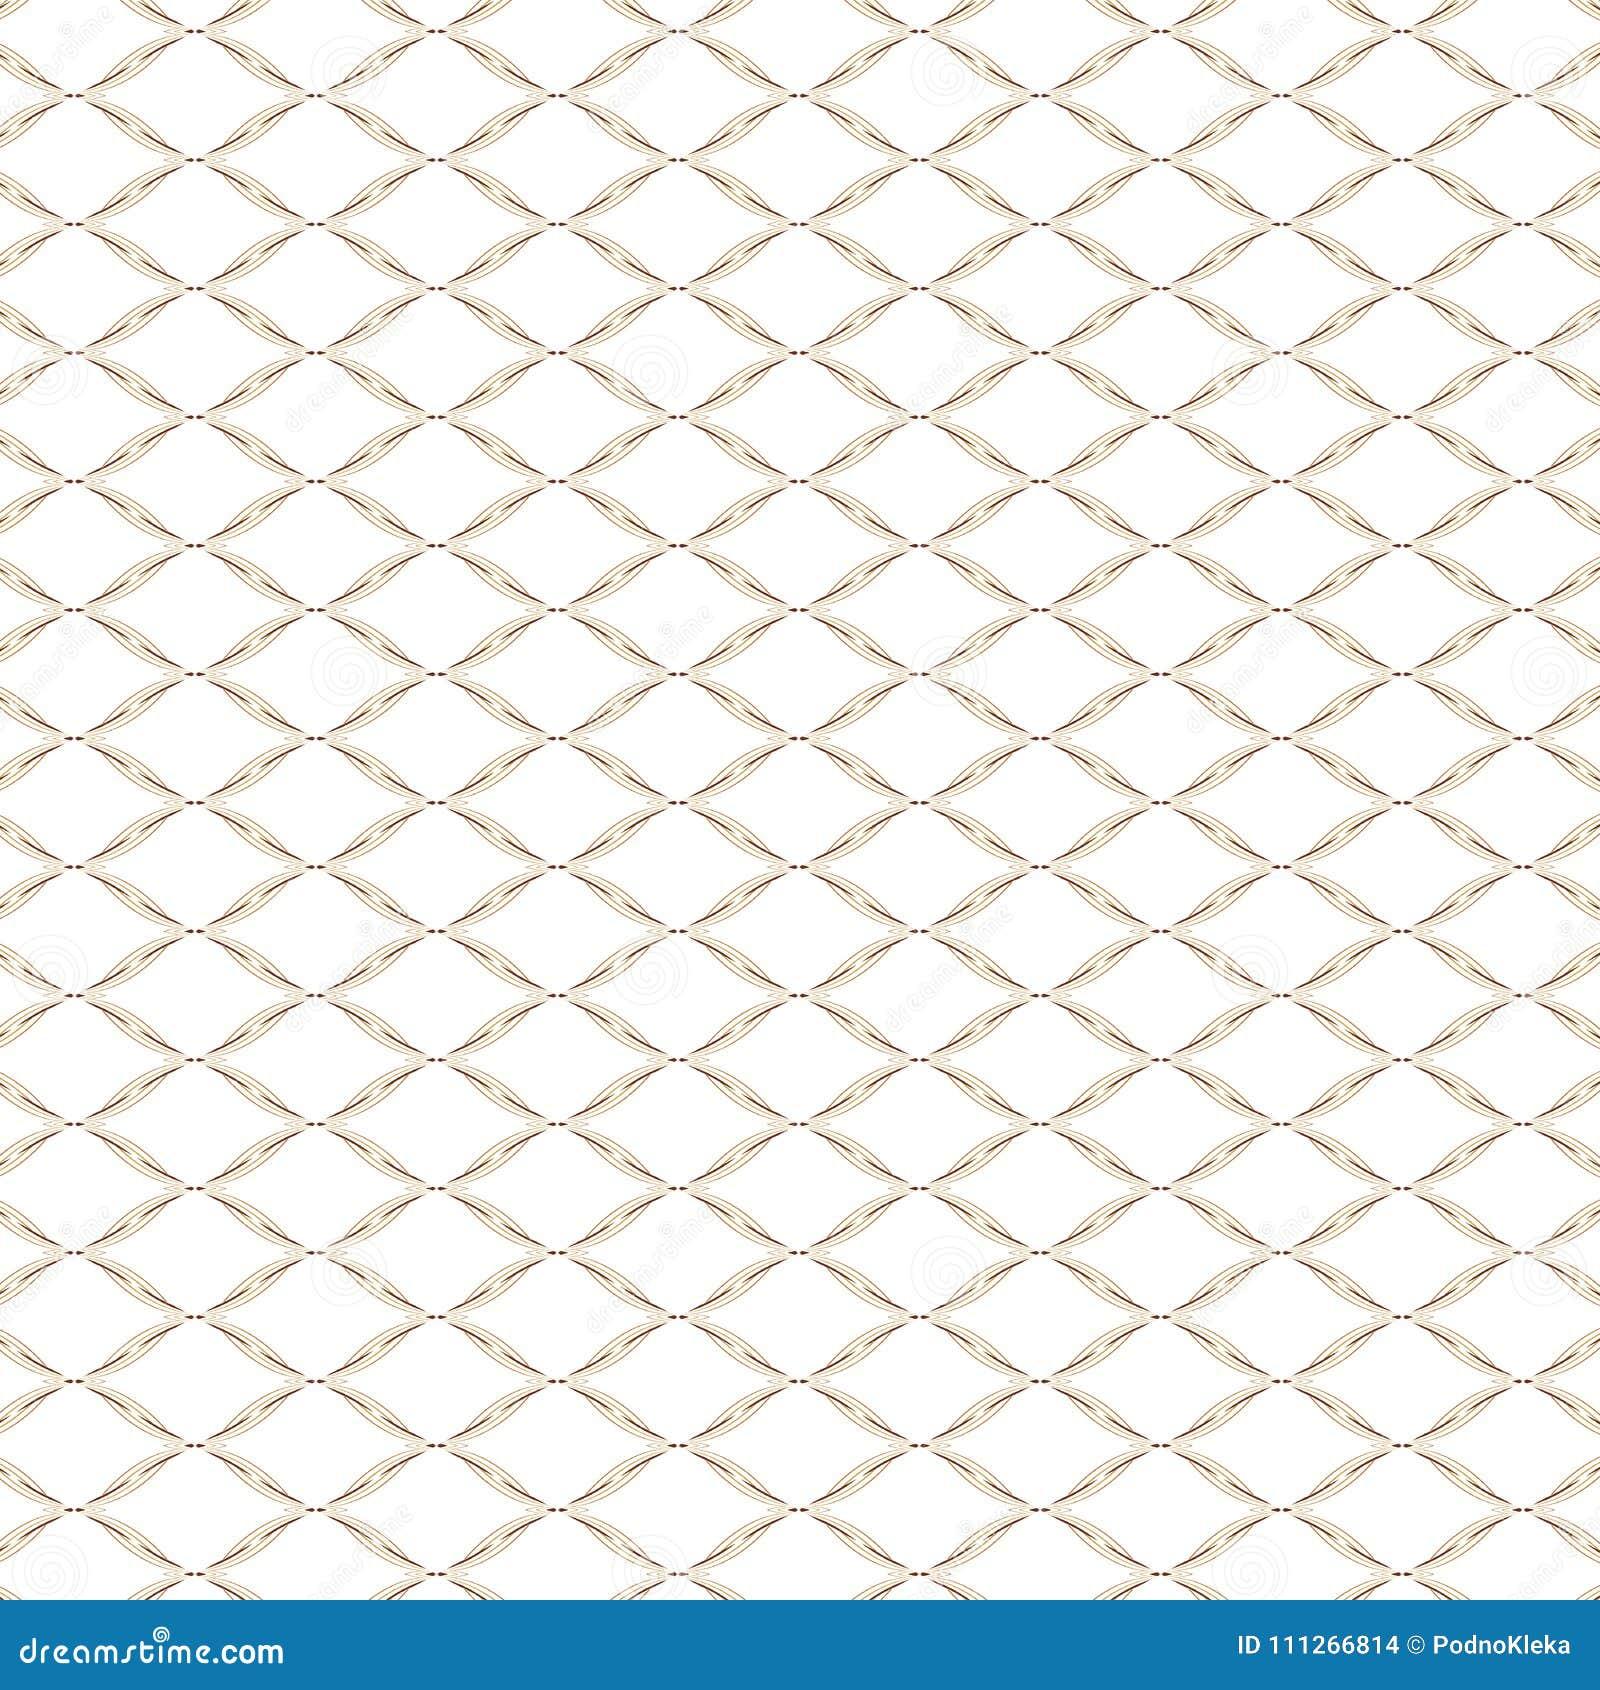 Moderner Abstrakter Geometrischer Gitter Zaun Texture Colorful Mesh